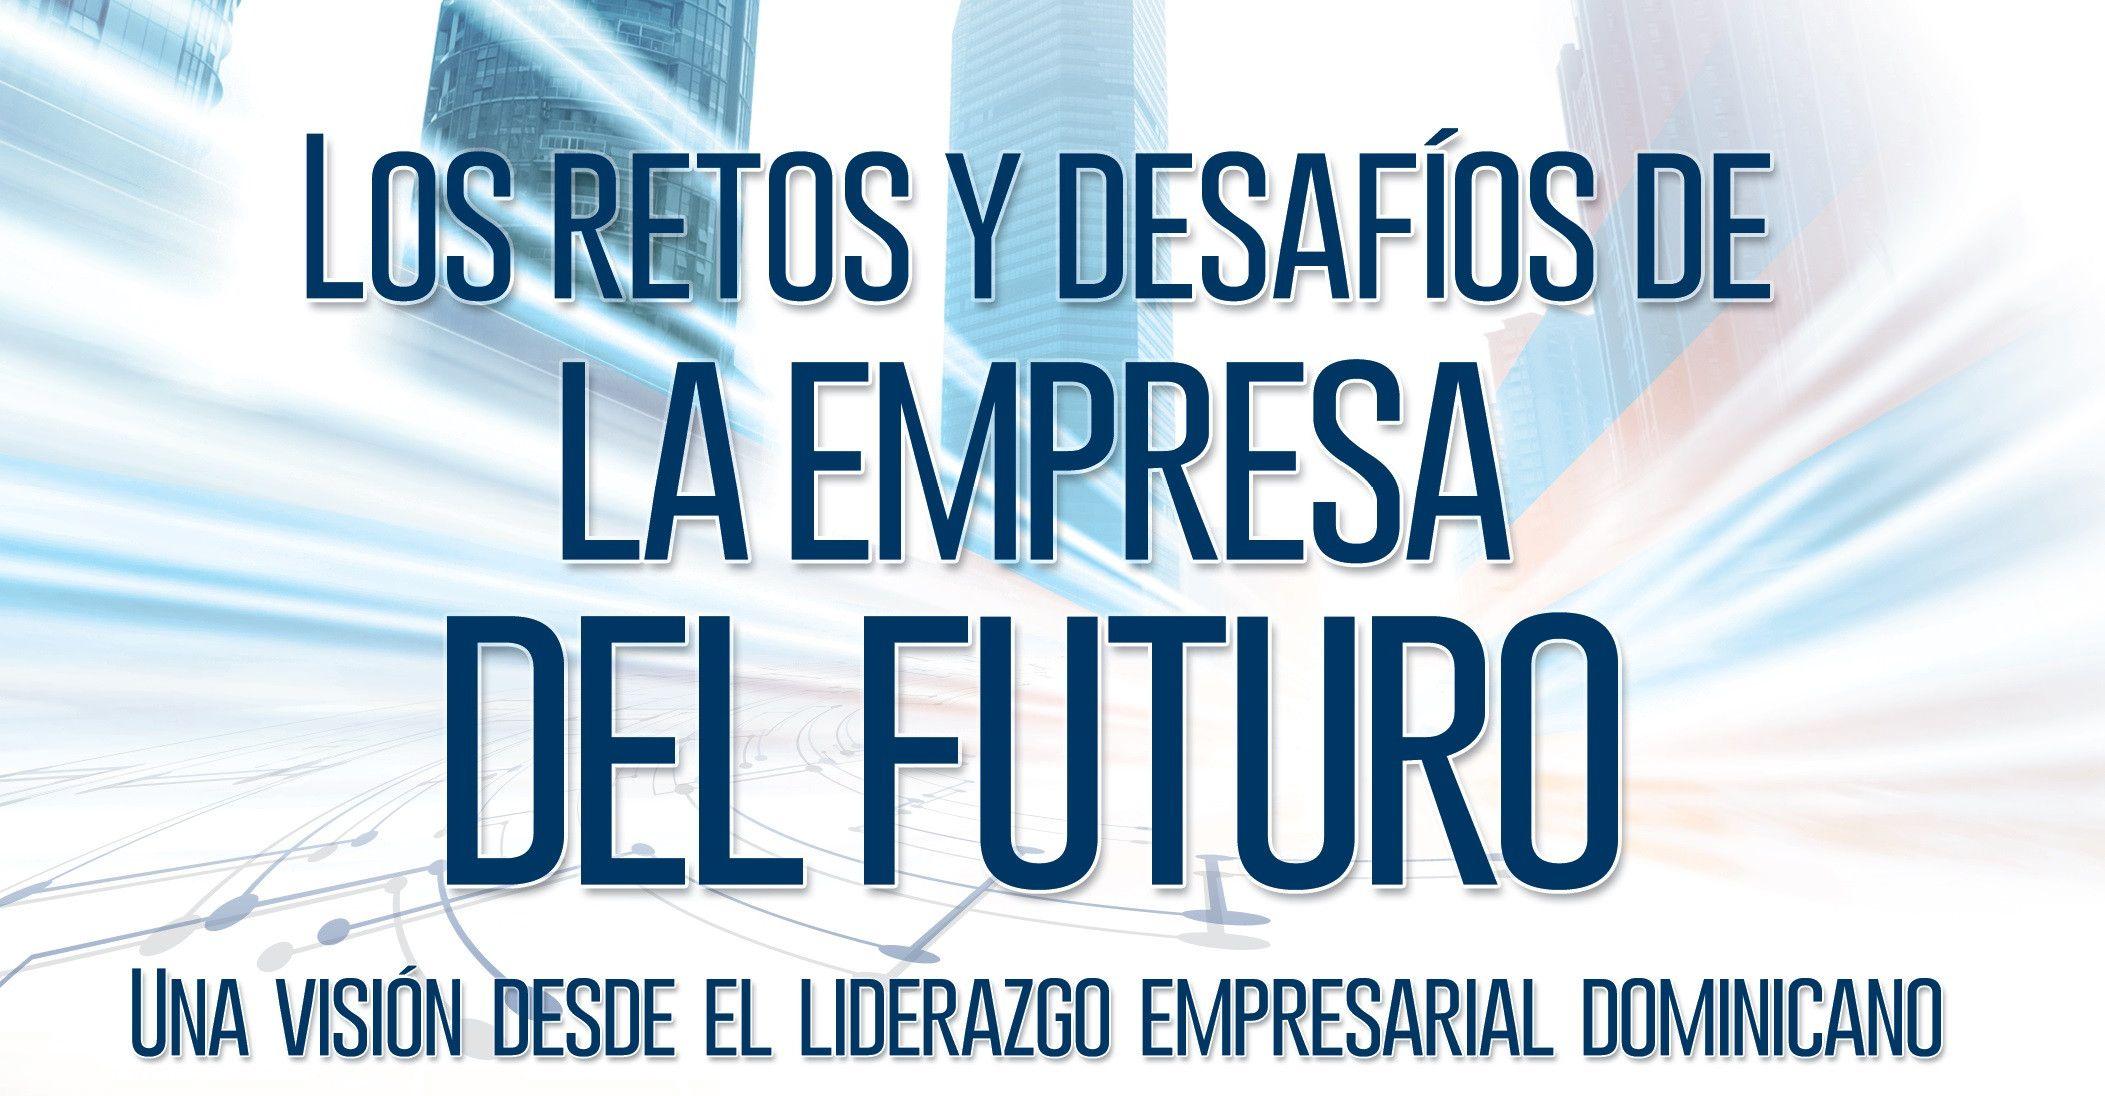 Los retos y desafíos de la empresa del futuro: Una VISION   DESDE EL LIDERAZGO EMPRESARIAL DOMINICANO